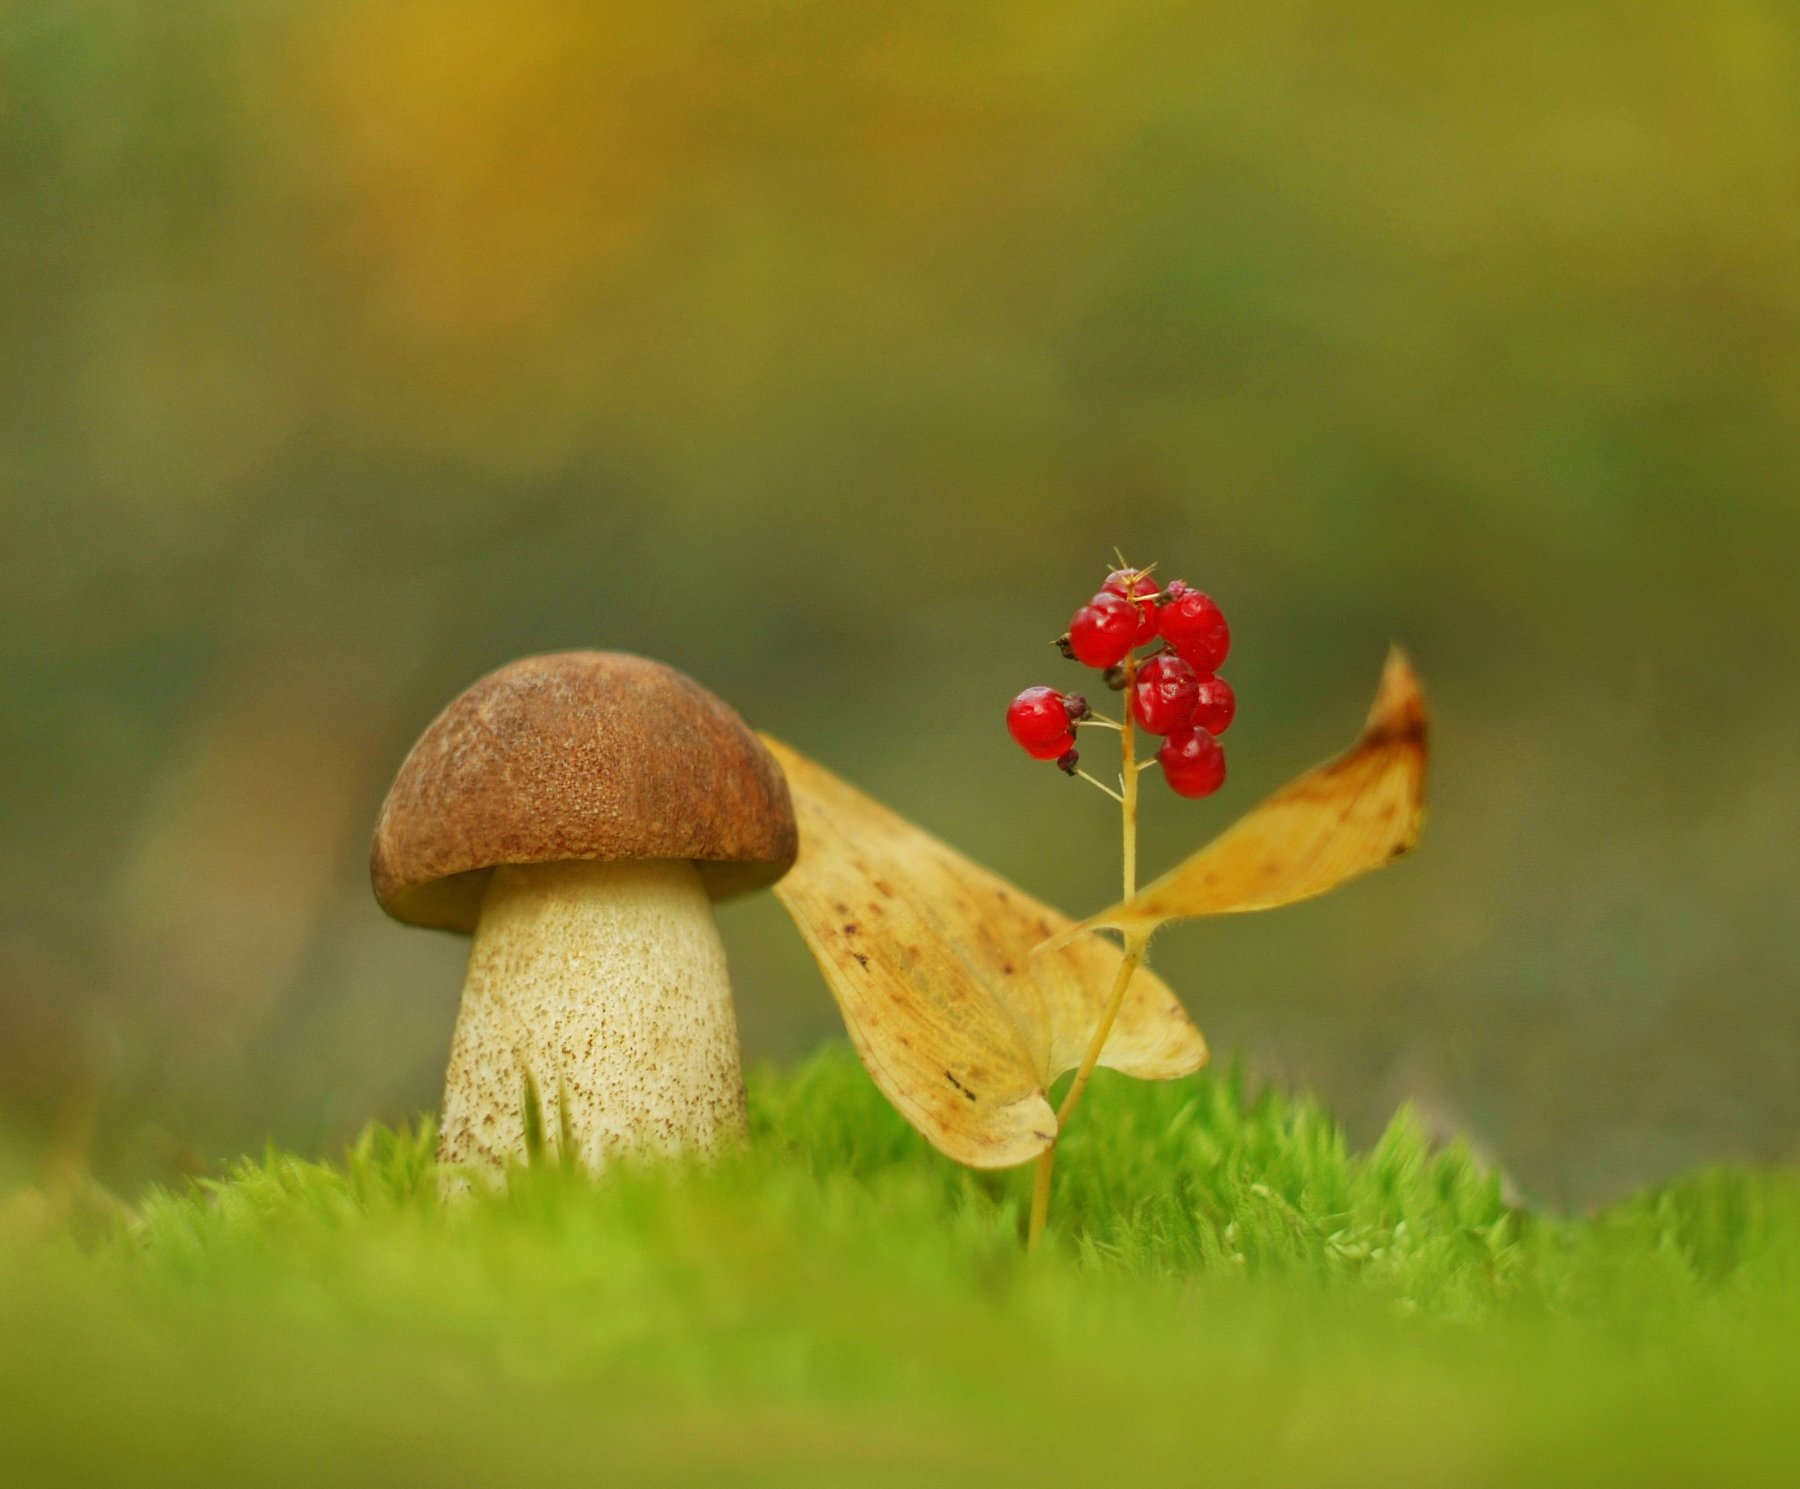 грибы, природа, макро, Александр Гвоздь